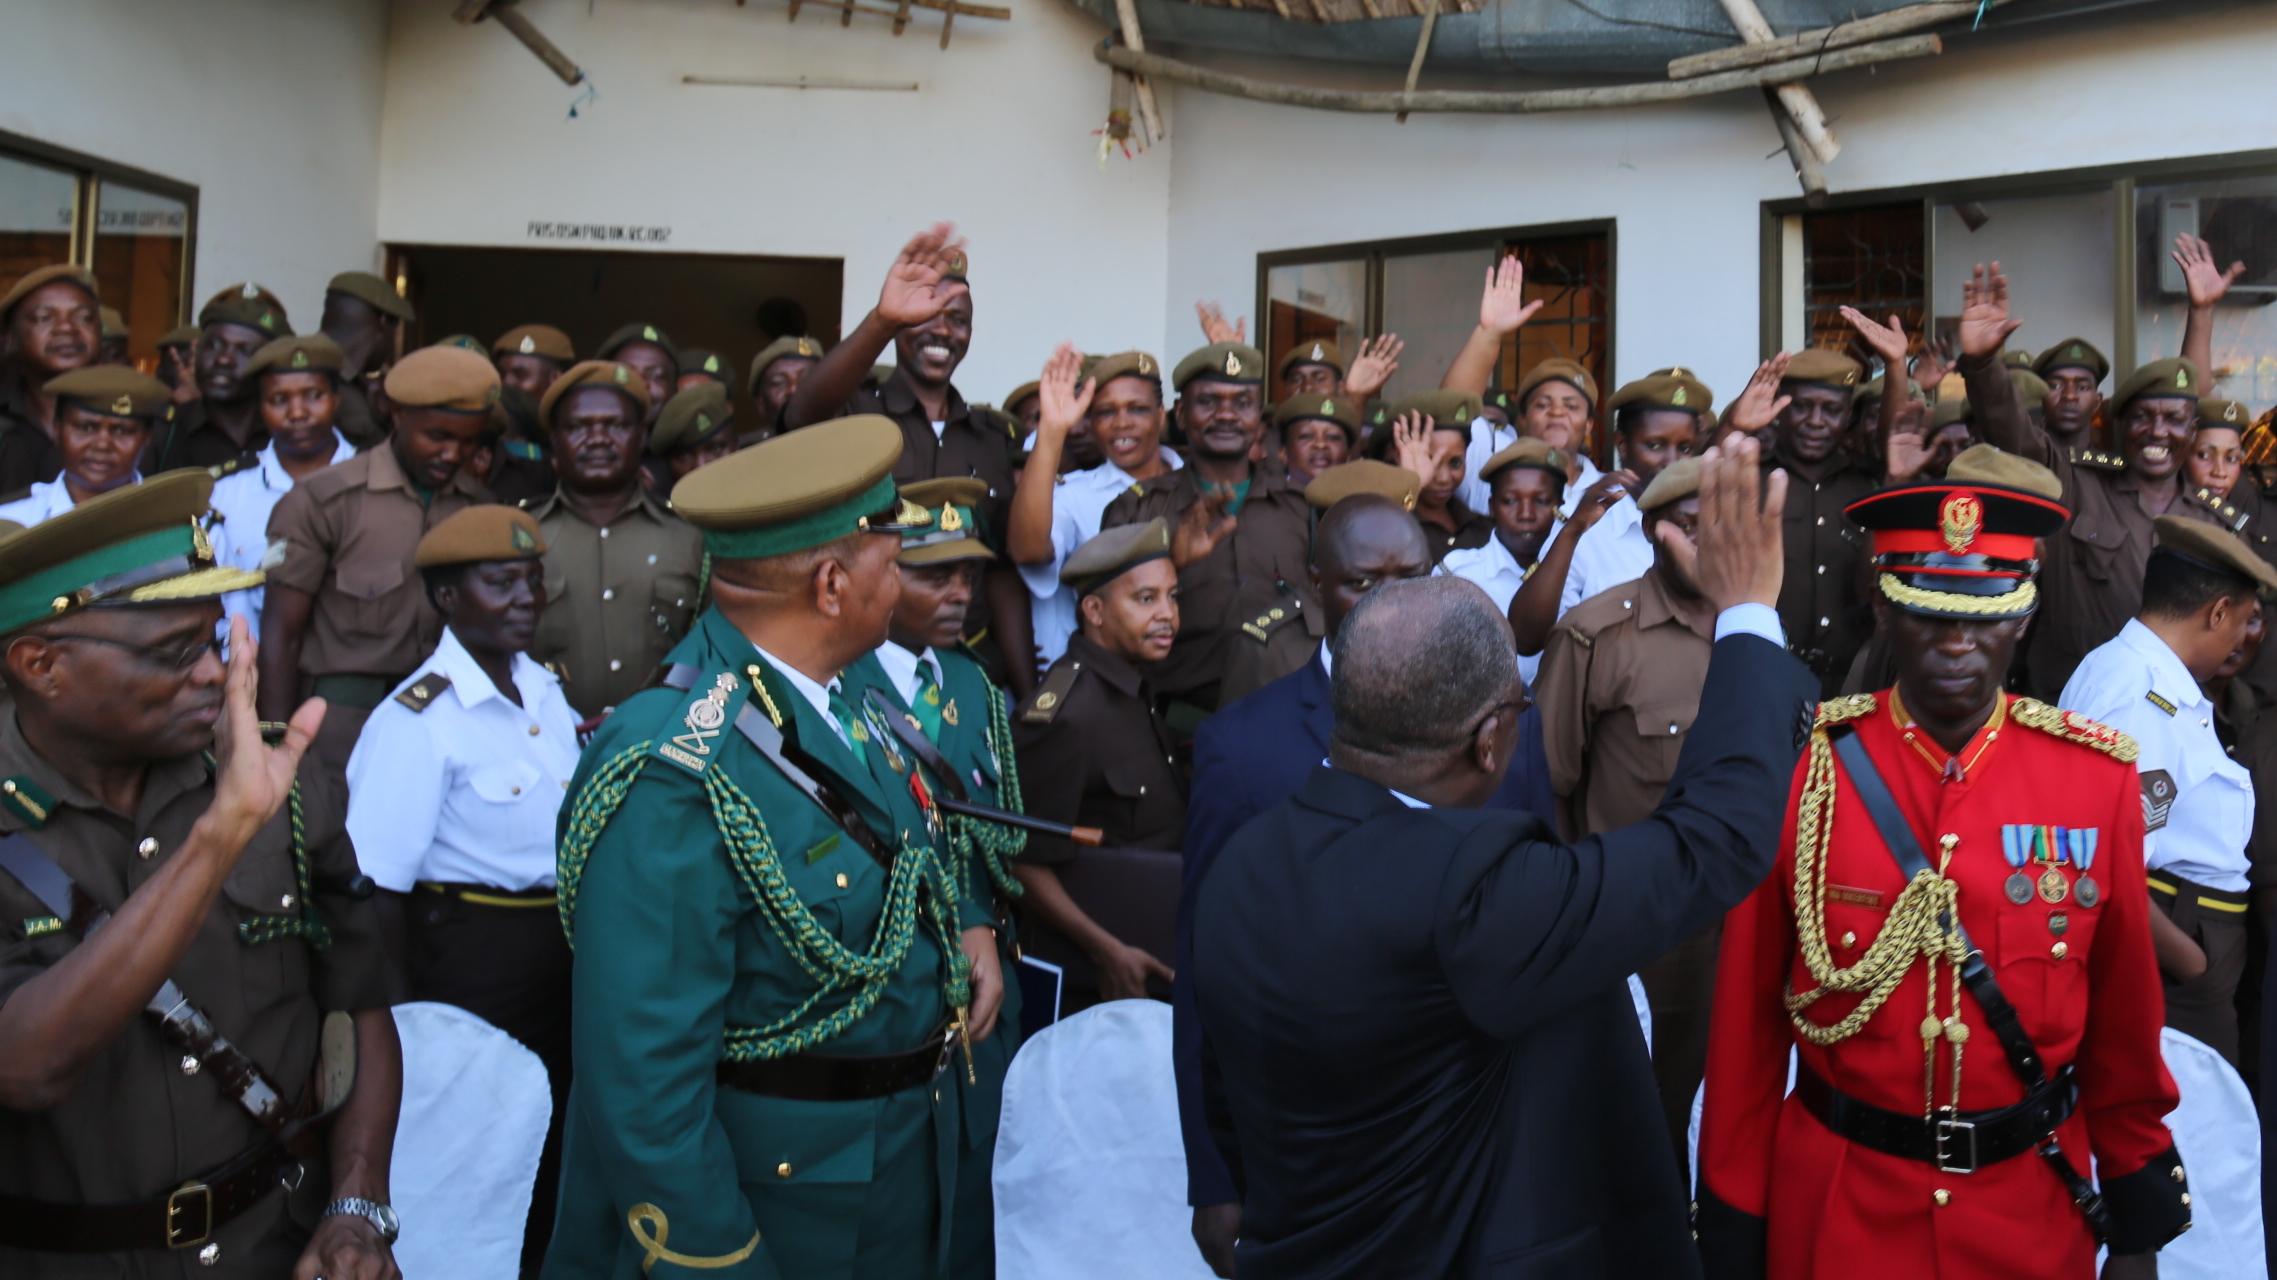 Ziara ya kushtukiza ya Rais wa Jamhuri ya Muungano wa Tanzania Dkt. John Pombe Magufuli ukonga Magereza na kuongea na askali Magereza Novemba 29,2016